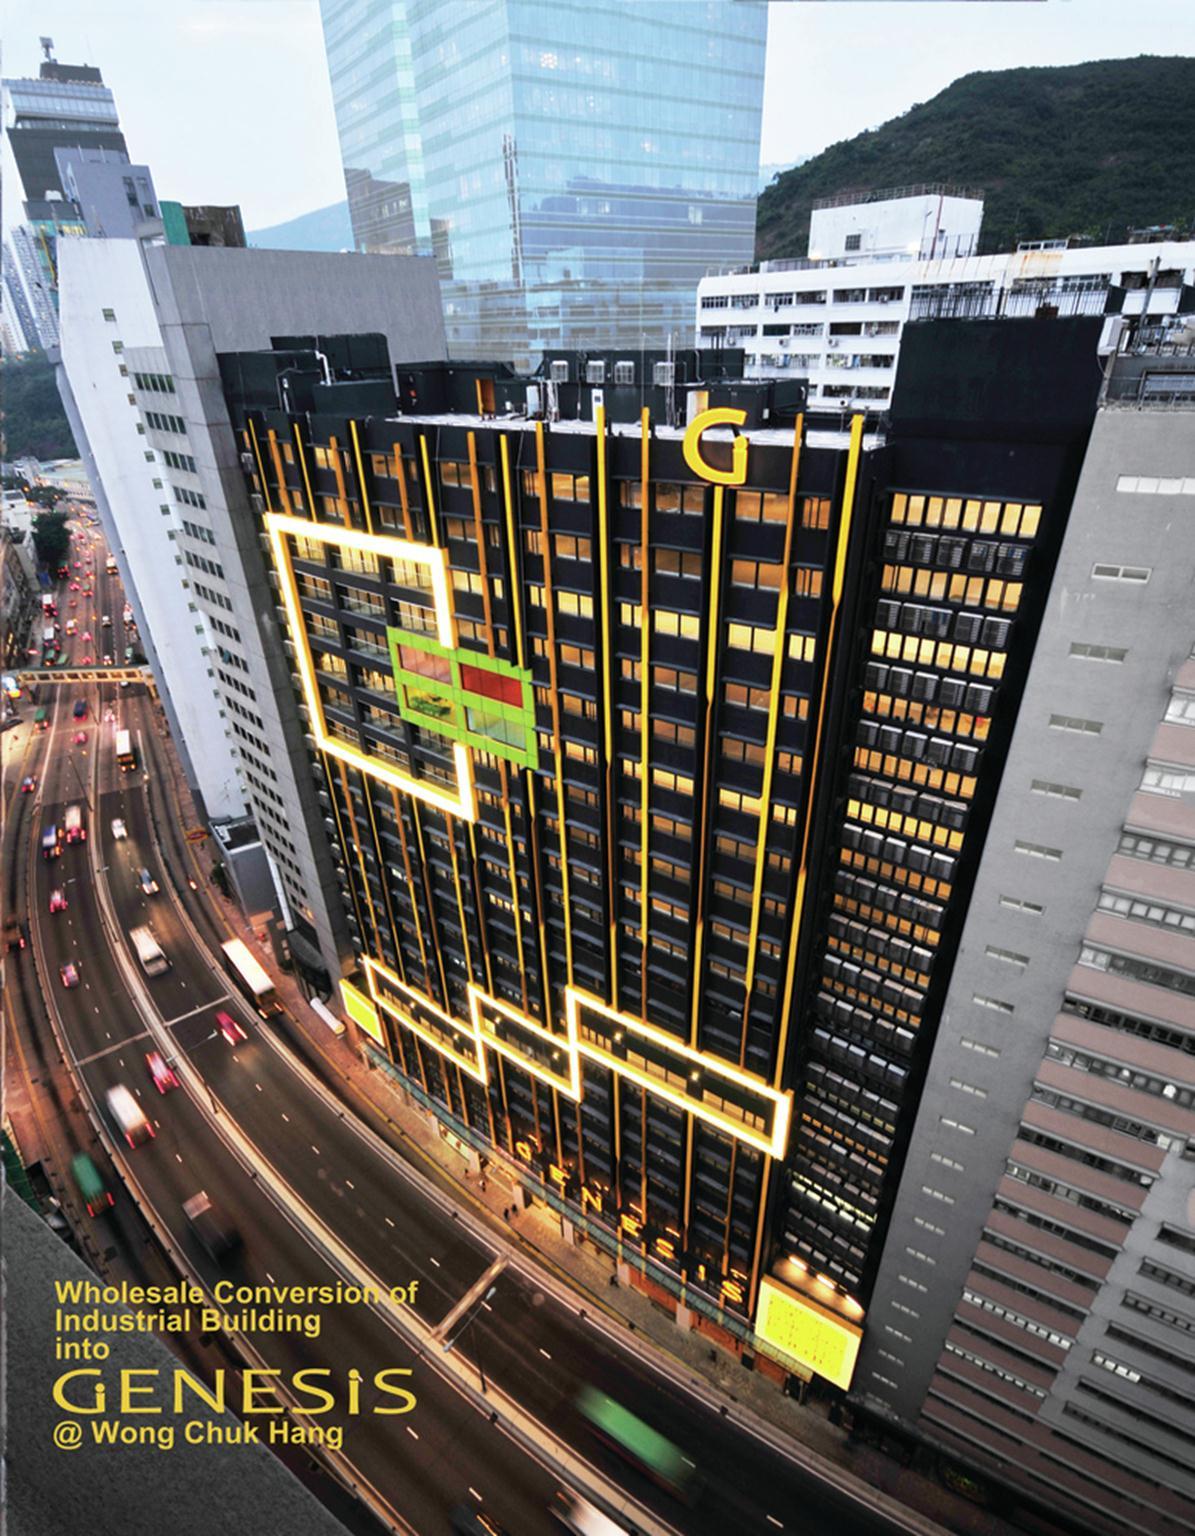 Chuyển đổi toàn bộ Công trình công nghiệp thành tòa nhà Genesis; Wong Chuk Hang, Hồng Kông/ Nội thất kiến trúc Barrie Ho. Ảnh © WAF